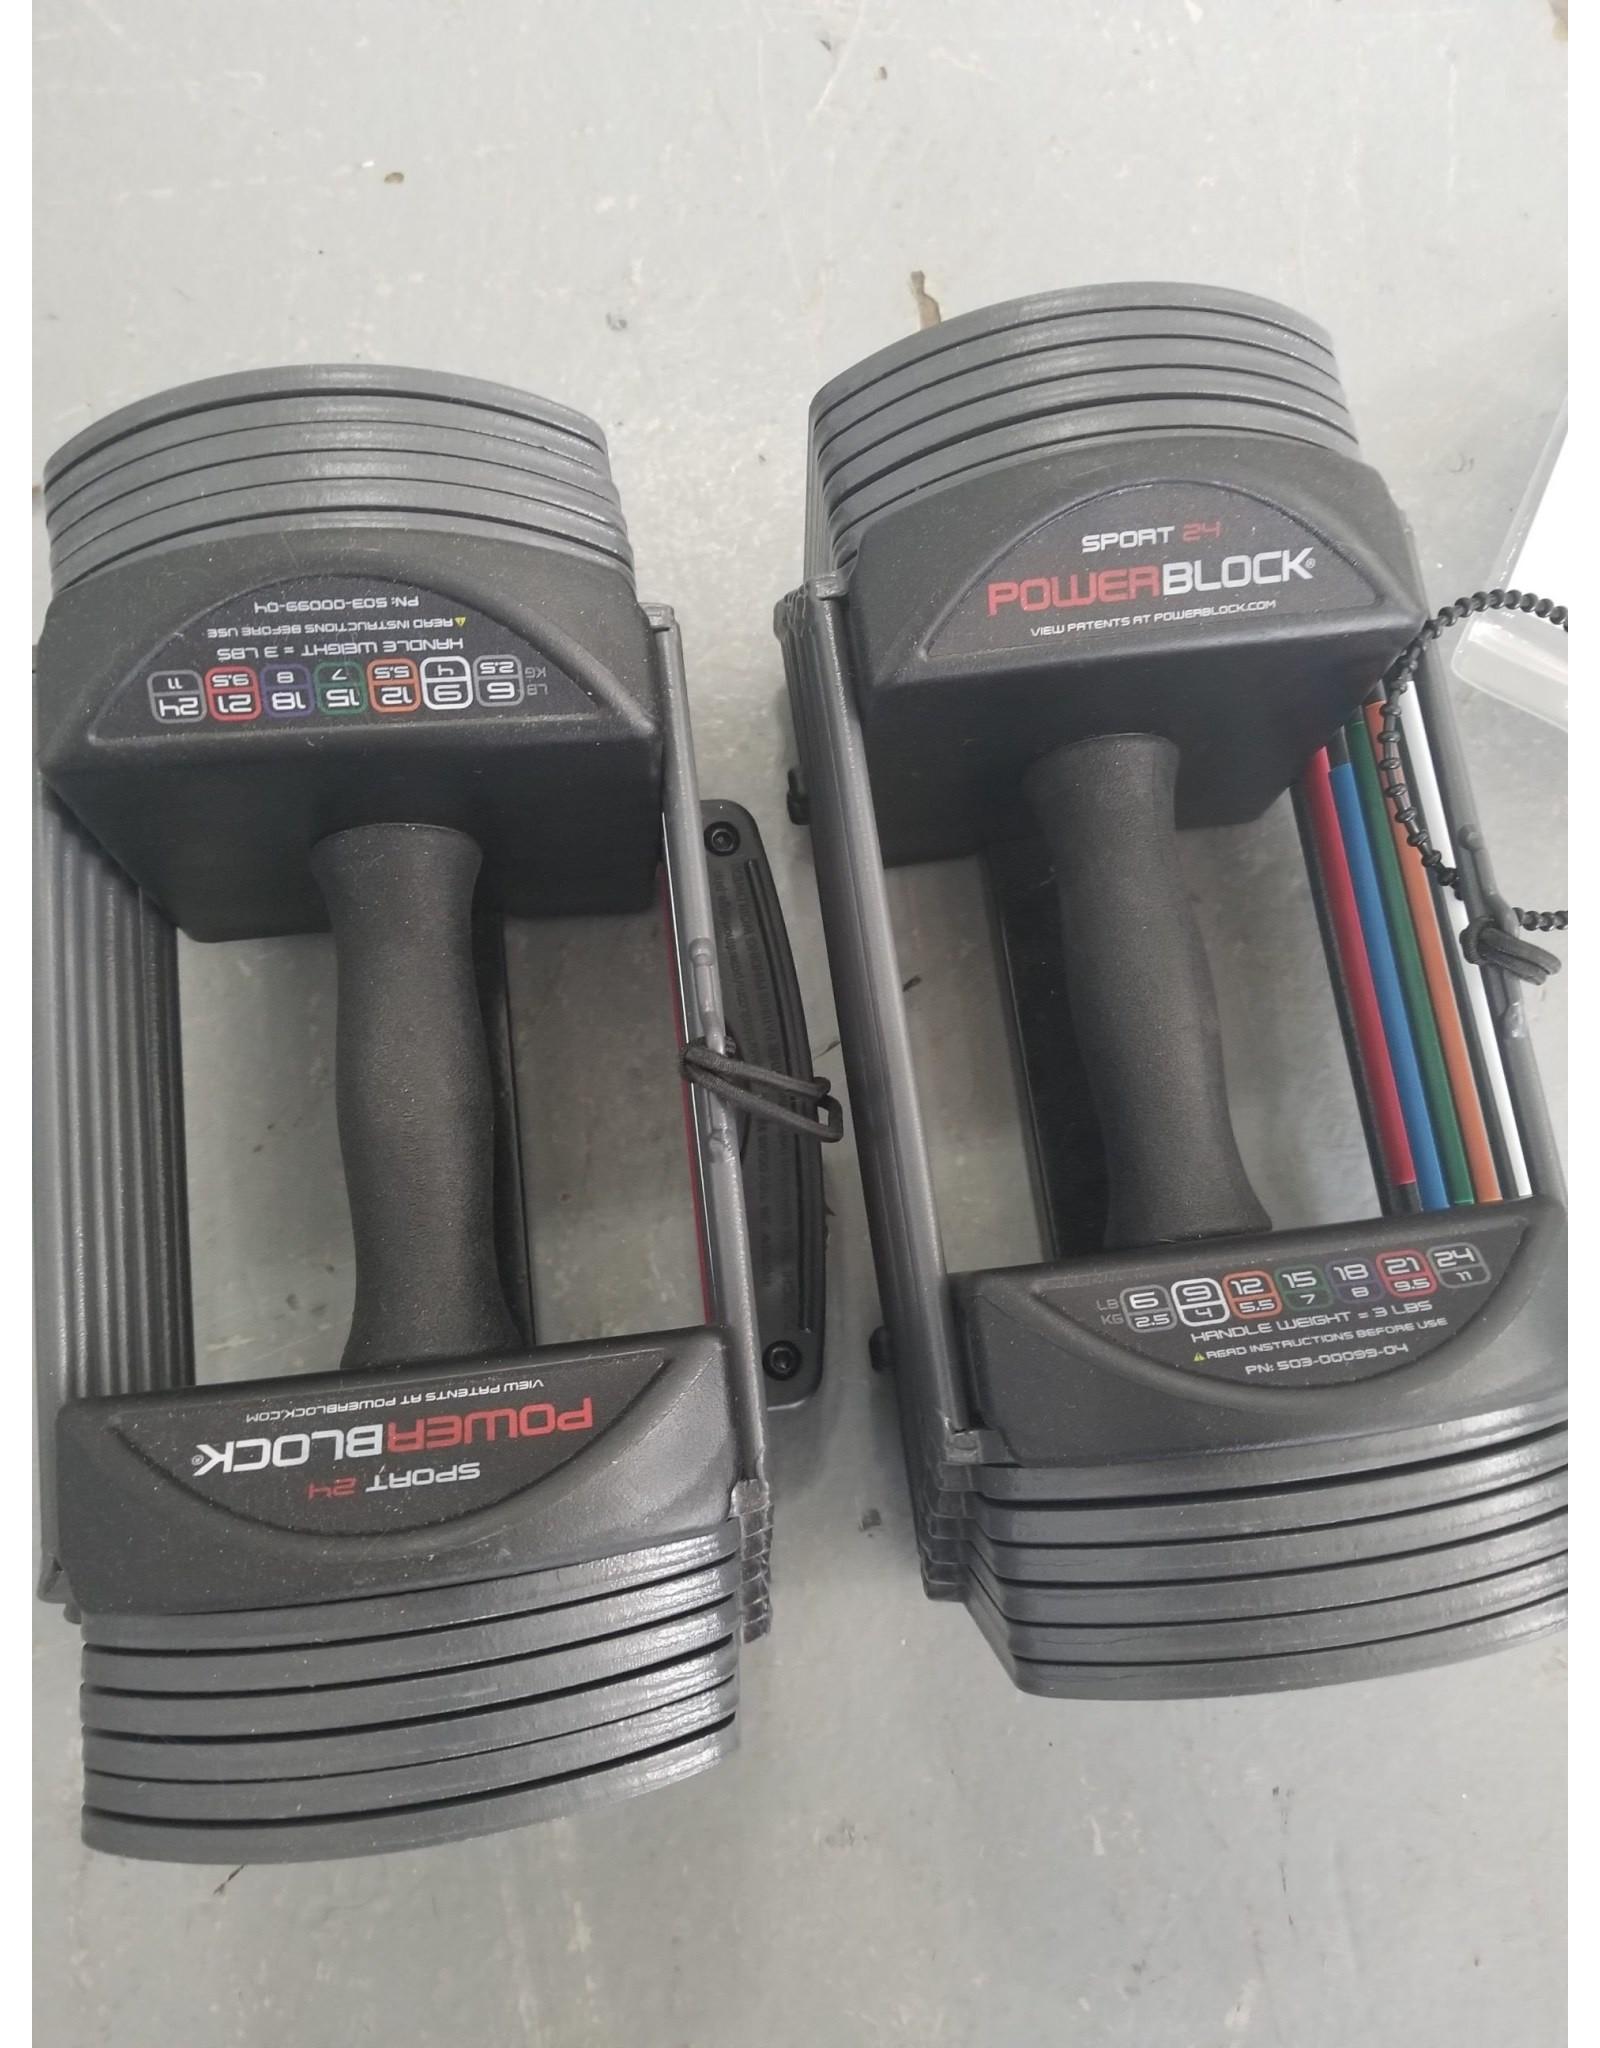 PowerBlock PowerBlock - Sport 24 Dumbell pair